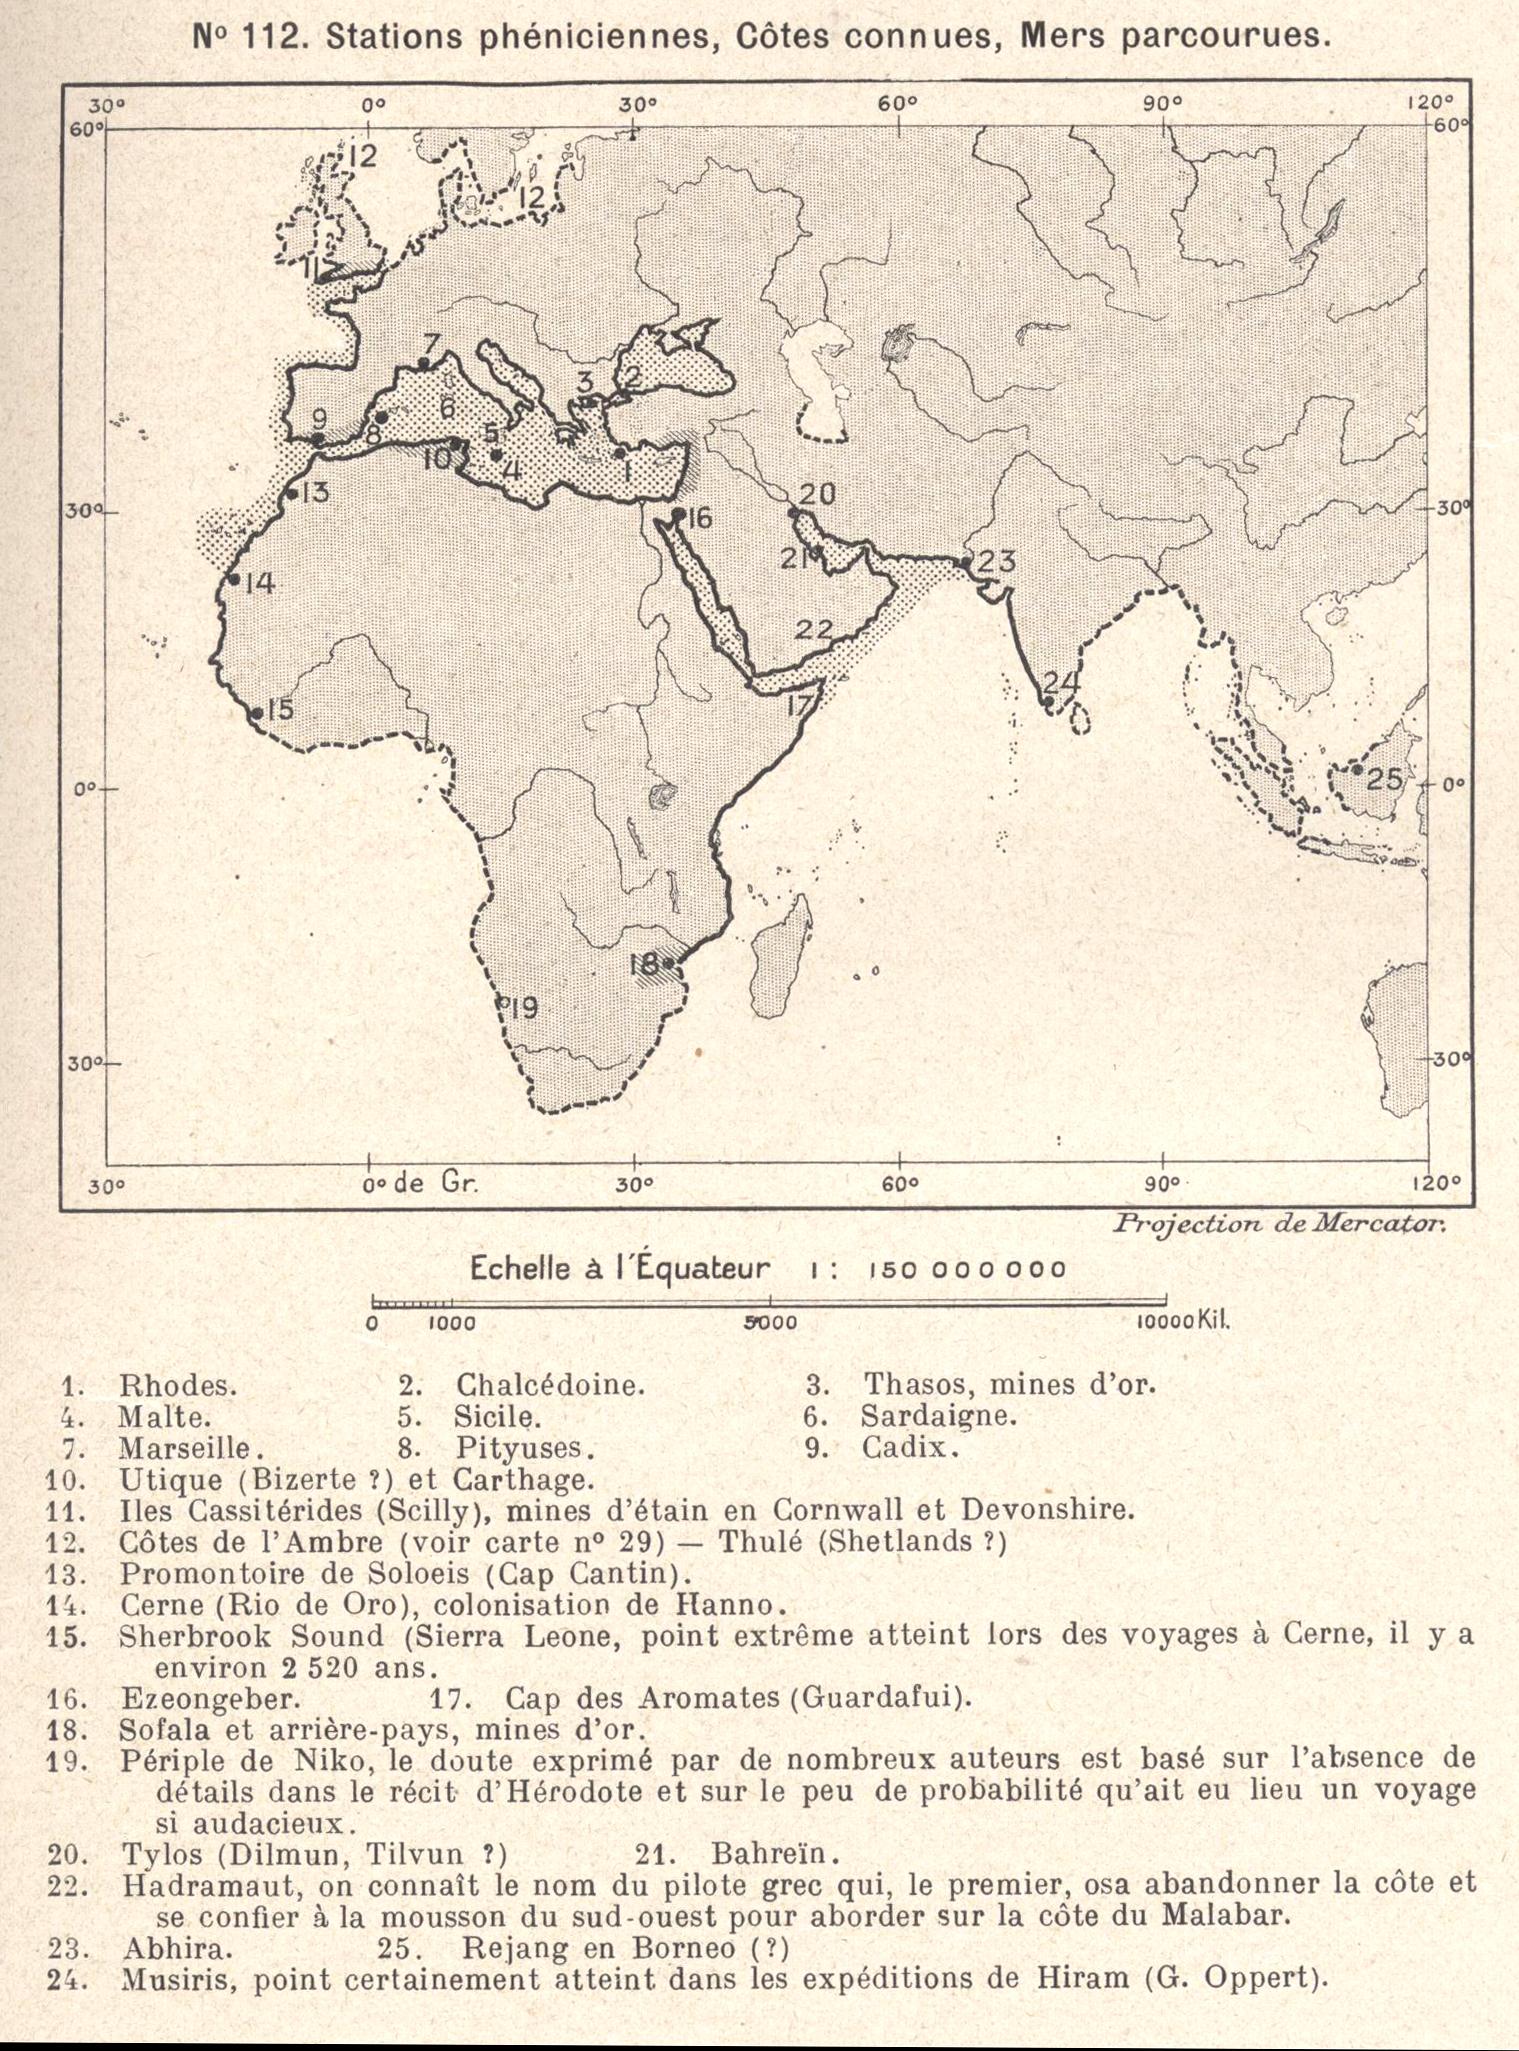 Le monde phénicien (Reclus, 1905)